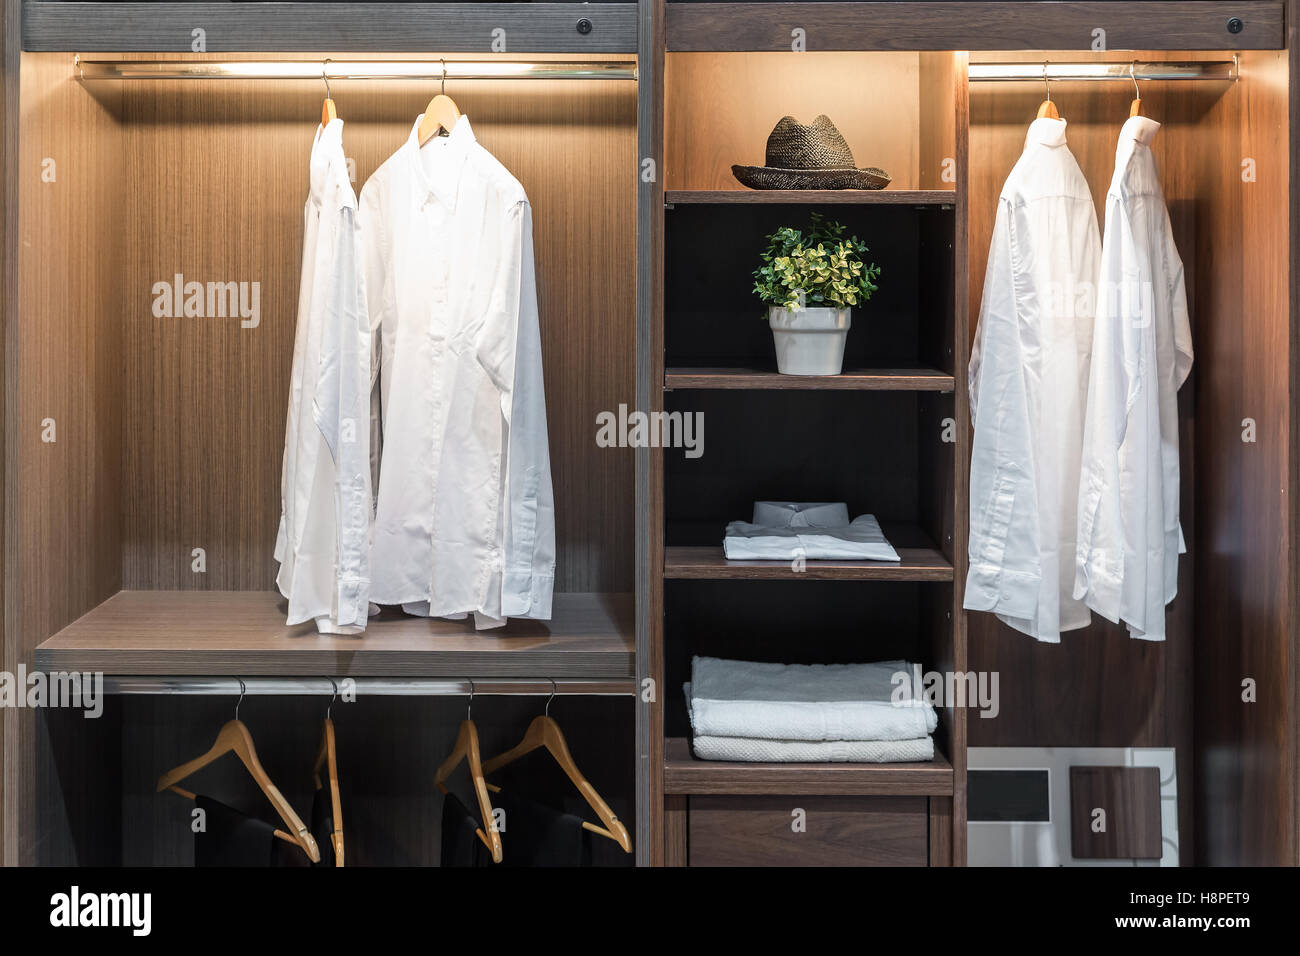 Moderne Innenausstattung Garderobe mit Hemd, Hose, Hut und Handtuch ...